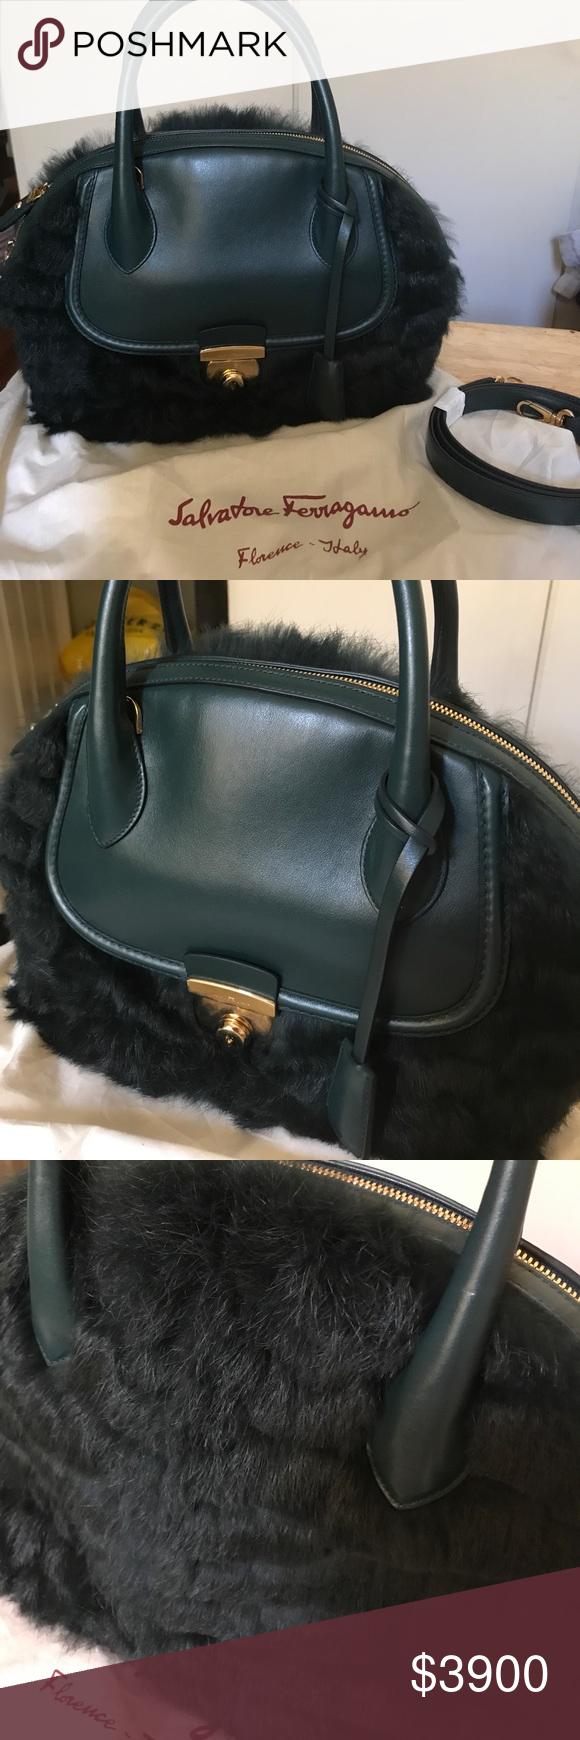 Salvatore Ferragamo Rabbit Fur Fiamma Excellent condition like brand new!  Used it a couple of fe965196cbda9